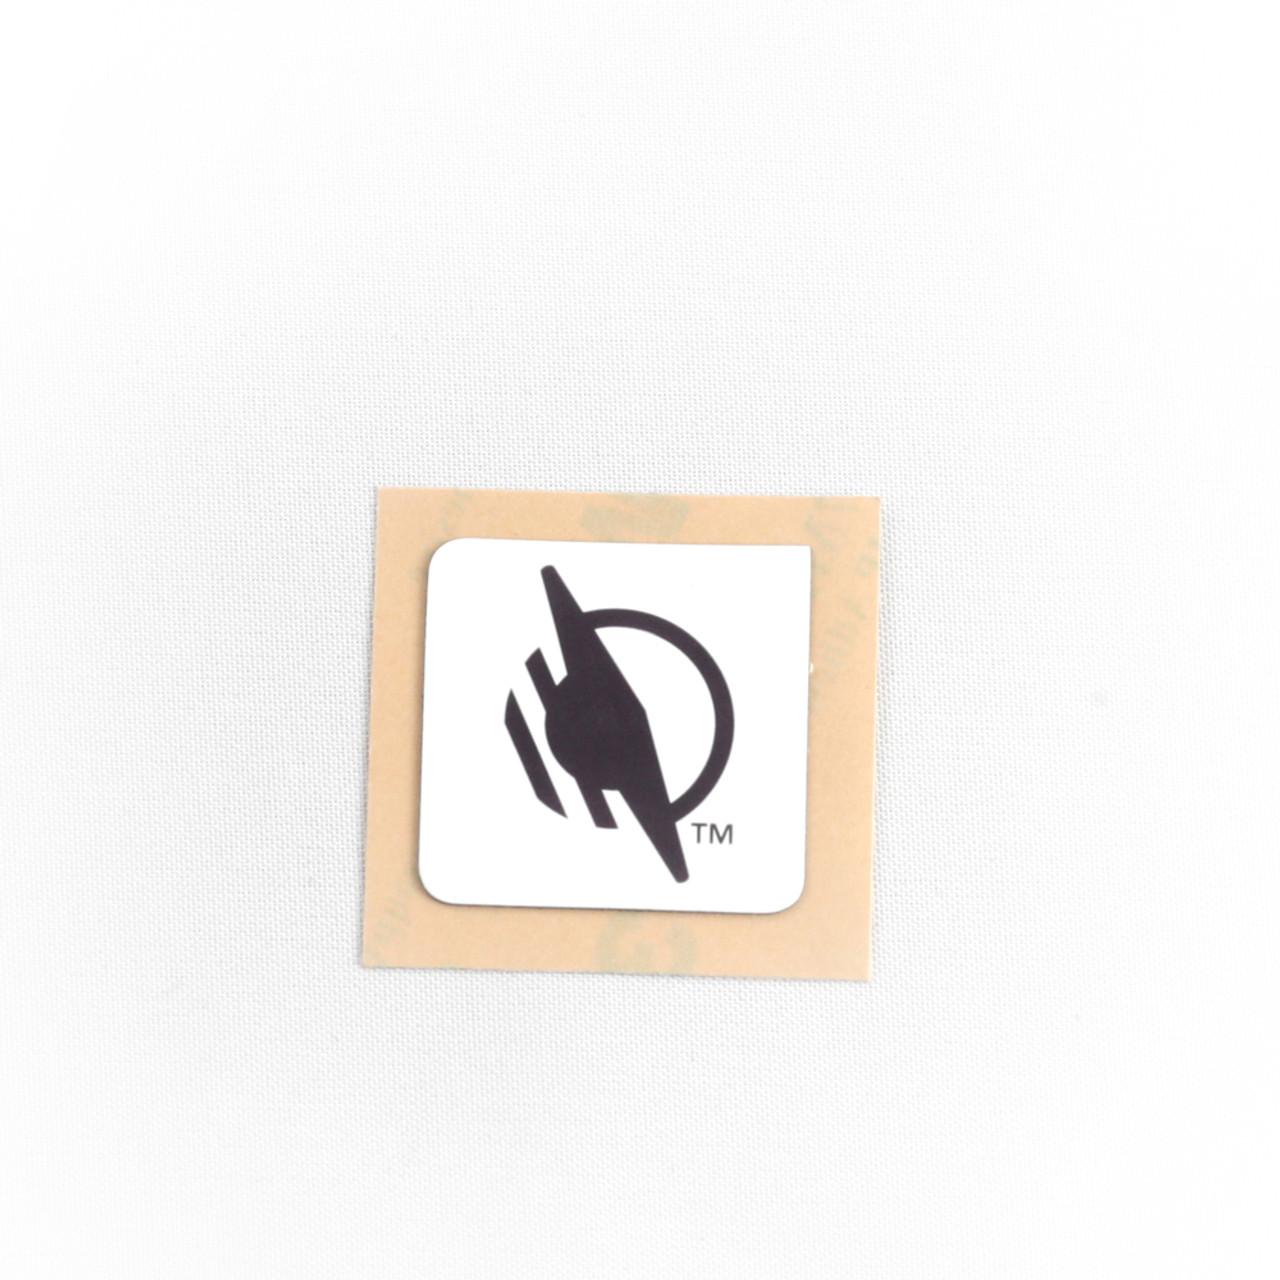 On-Metal WayTag Stickers - 25 Pack